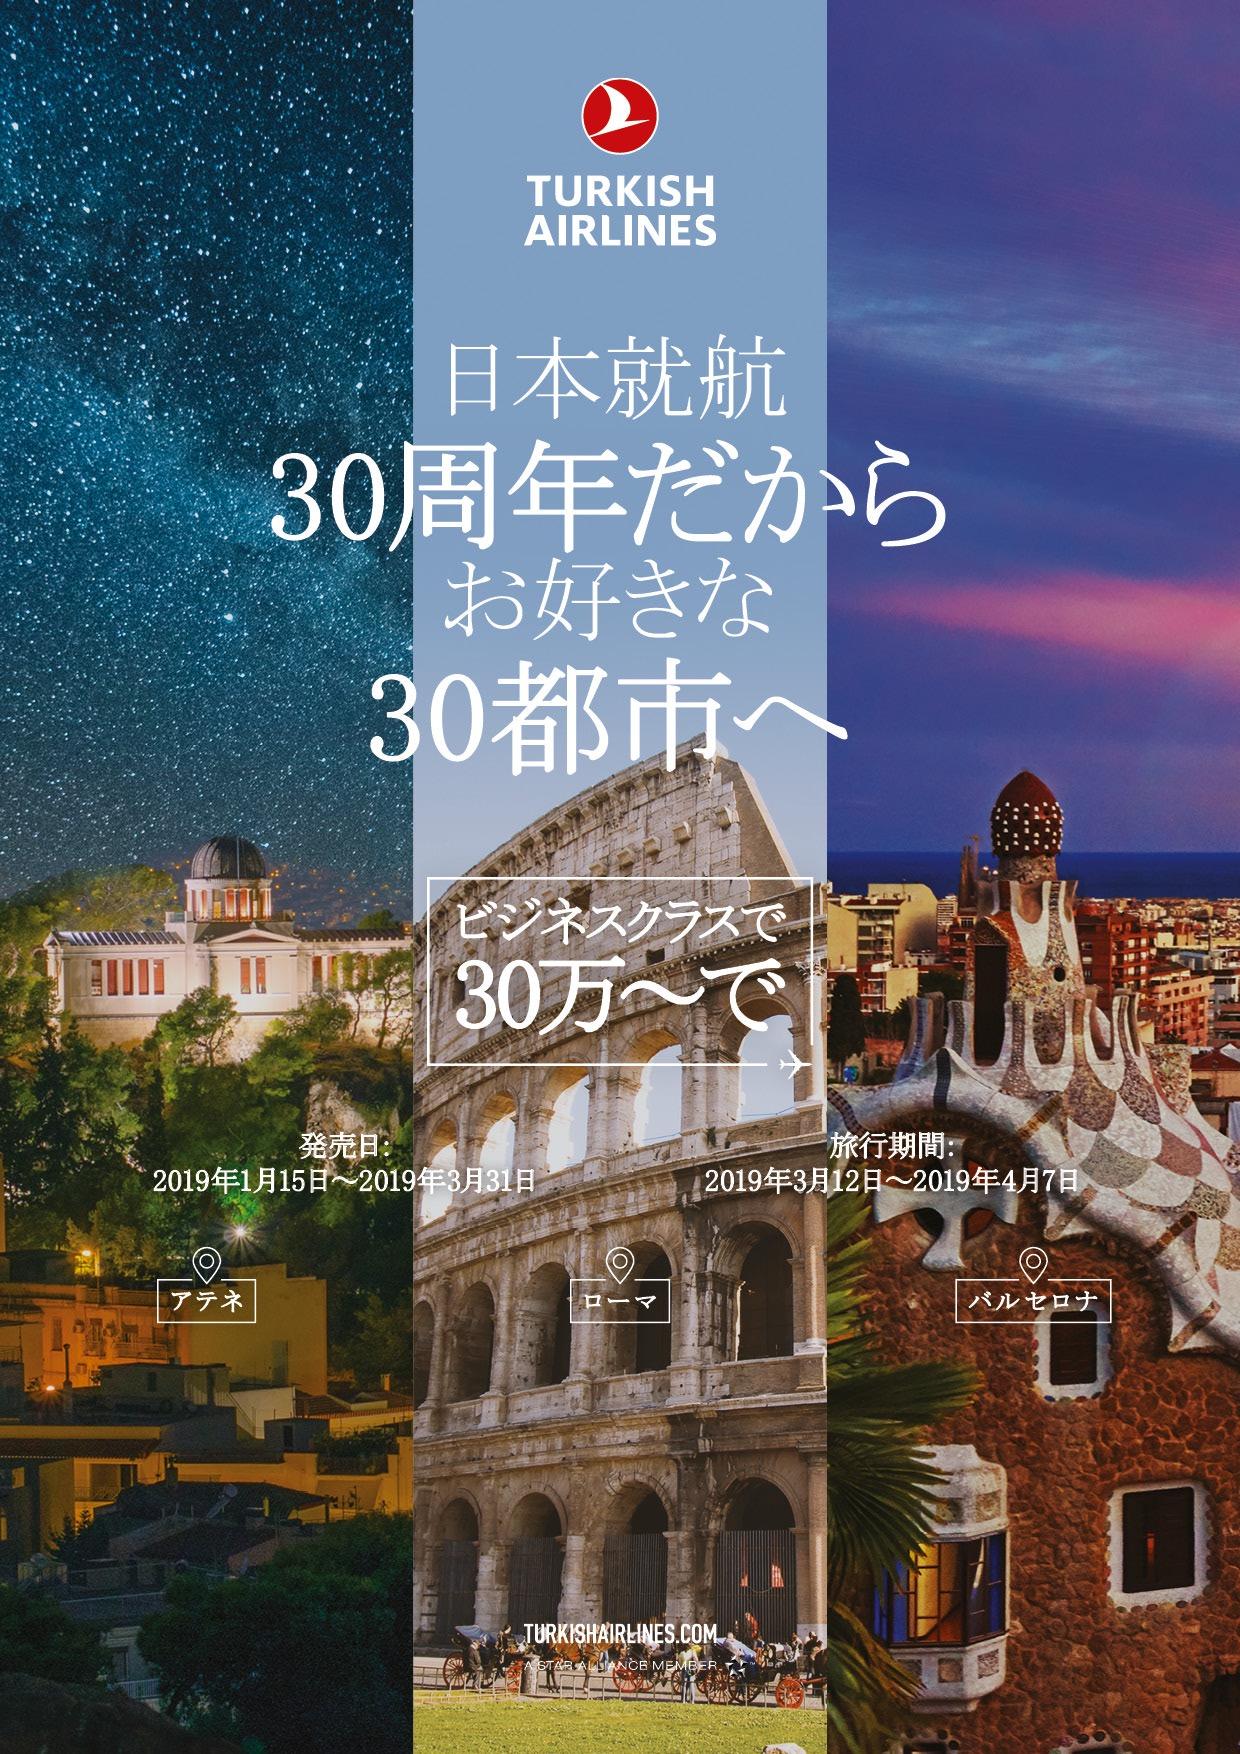 「ターキッシュ エアラインズ」日本就航30周年で欧州30都市行きビジネスクラスを往復30万円から